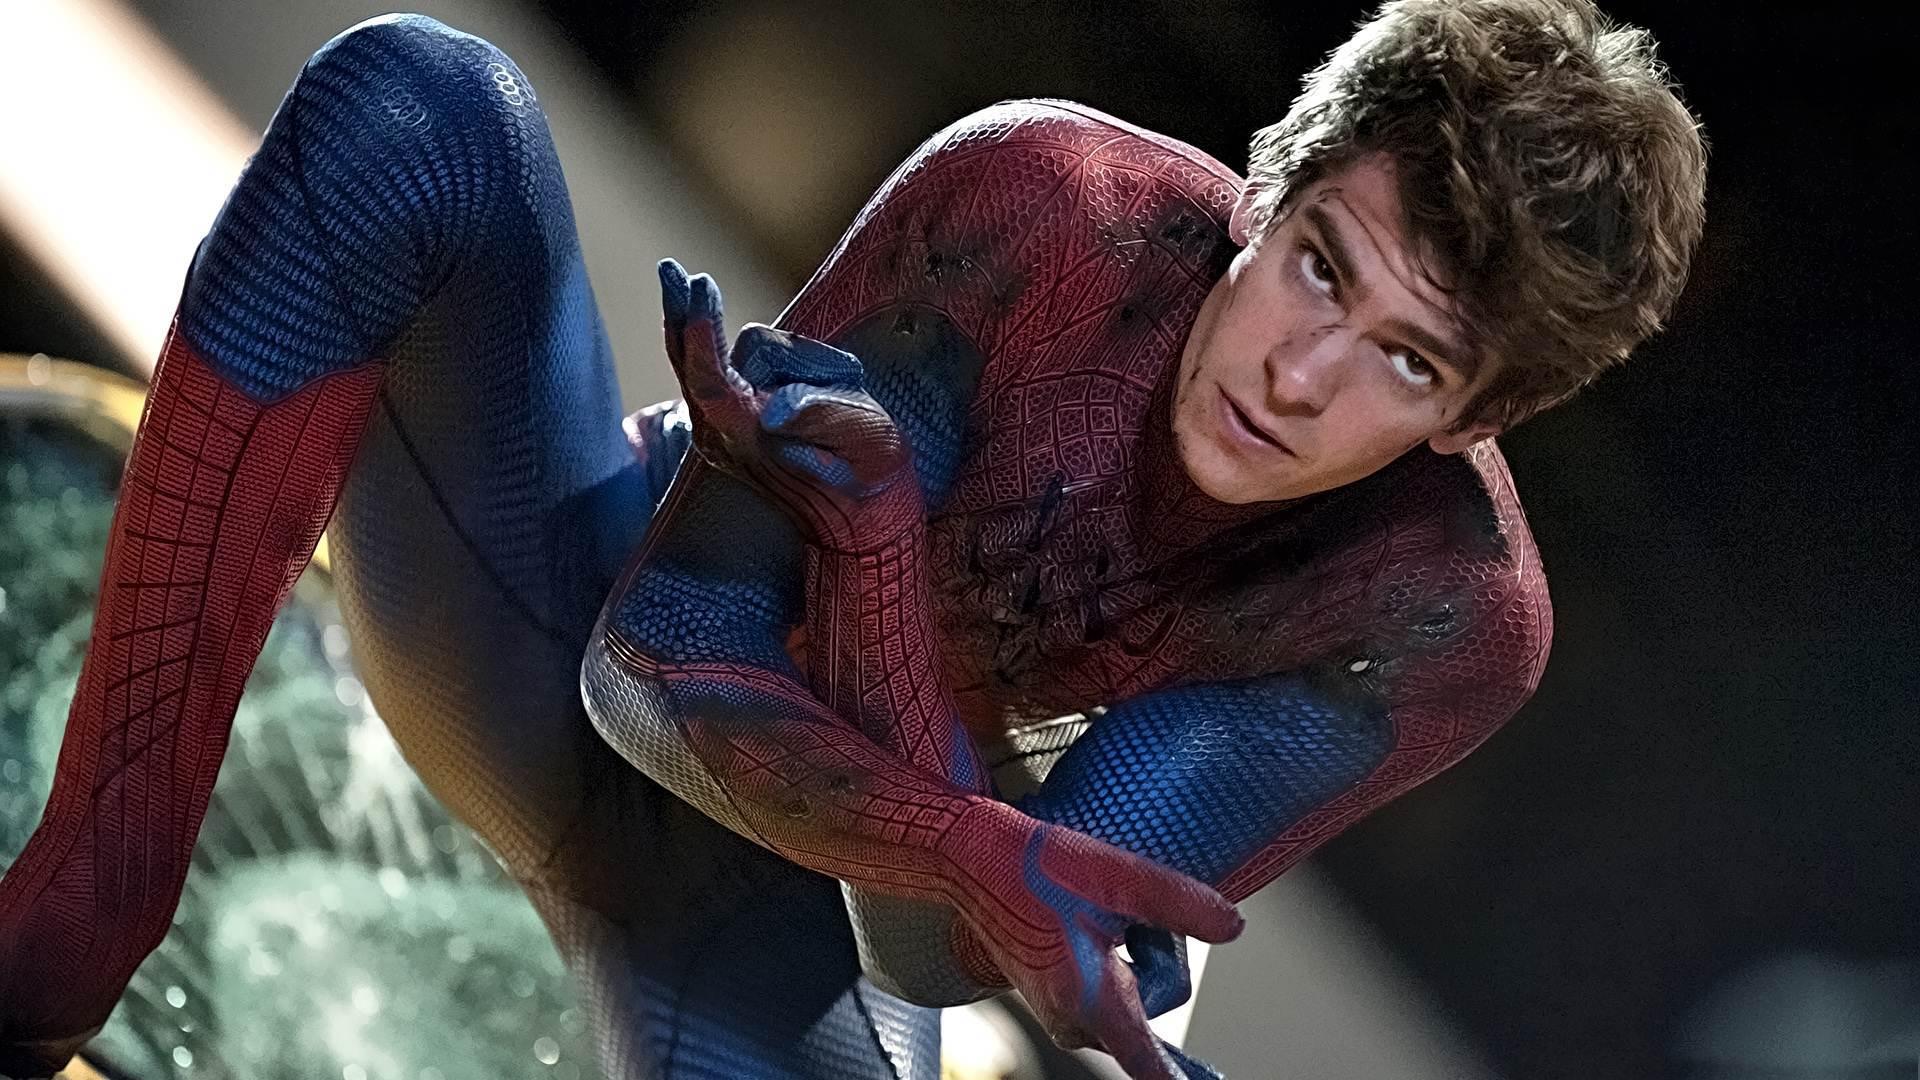 СМИ: Эндрю Гарфилд сыграет Питера Паркера в «Человеке-пауке 3» 1